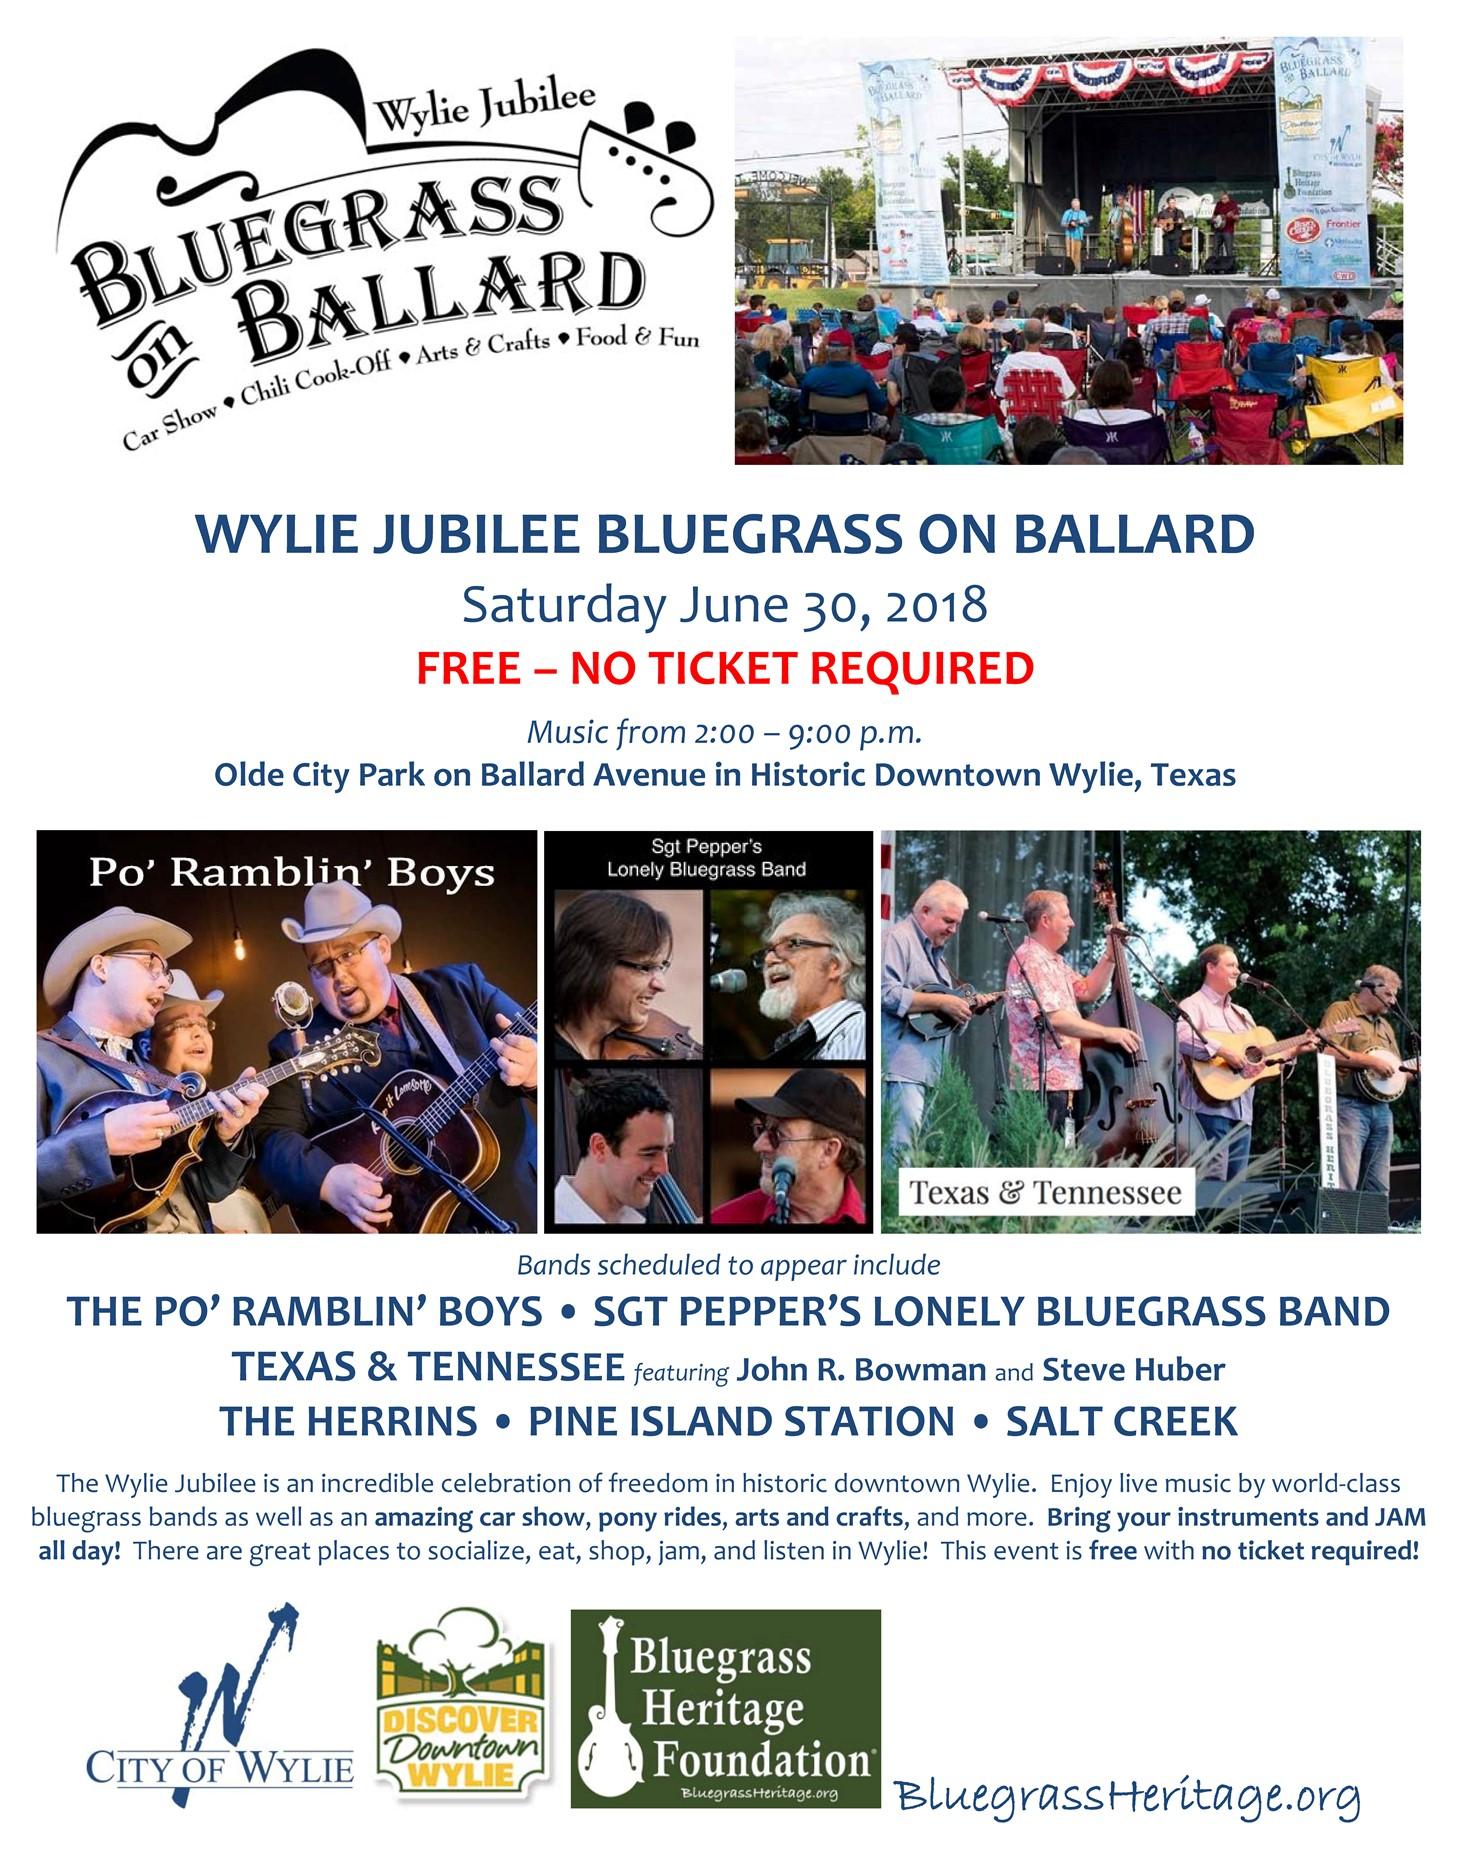 Wylie Jubilee - Bluegrass on Ballard 2018